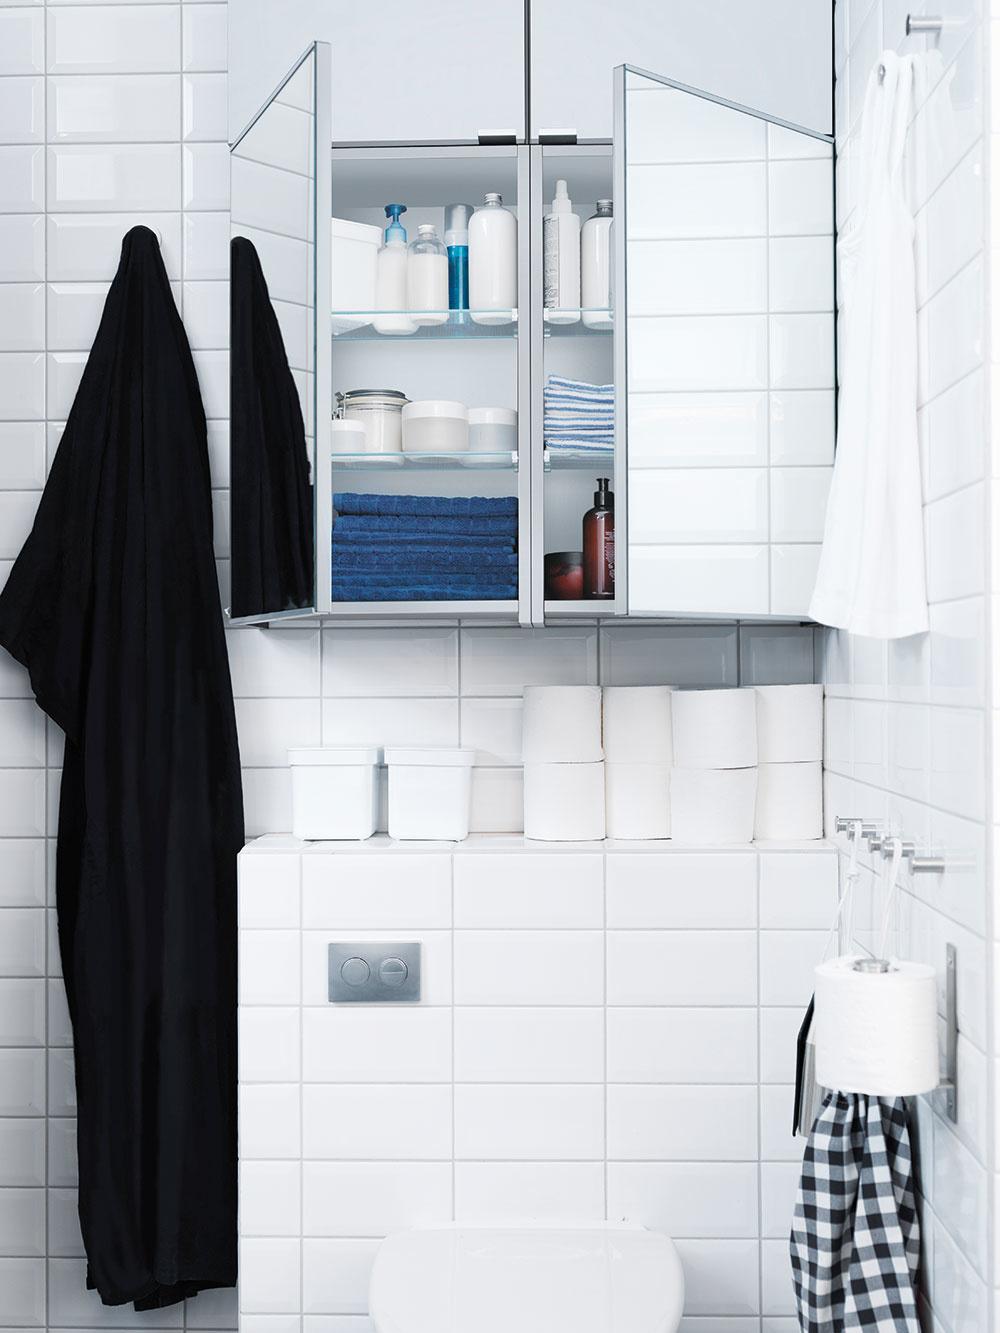 Keď je každý centimeter vzácny, opakovaná rada znie: využite výšku miestnosti. Najmä nad toaletnou misou zostáva hluché miesto. Úzke skrinky zaveste až pod strop. Môžete si ich nechať vyrobiť na mieru, aby boli vjednej línii snikou.